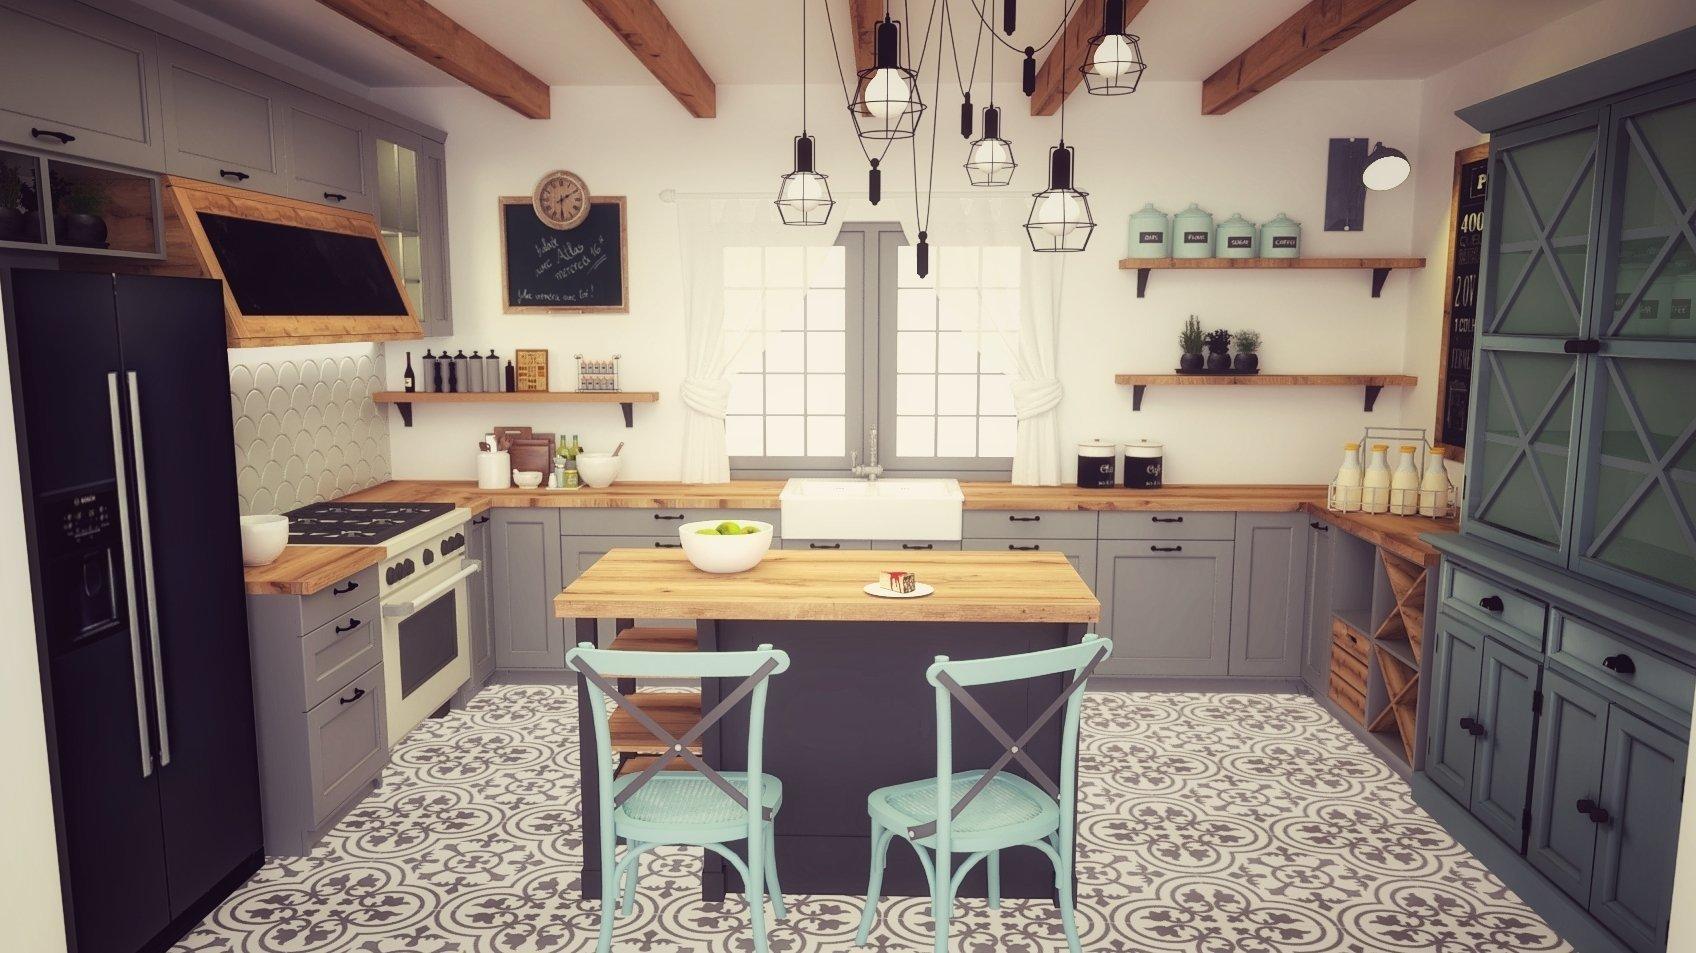 Veľkorysá kuchyňa vo vidieckom štýle.